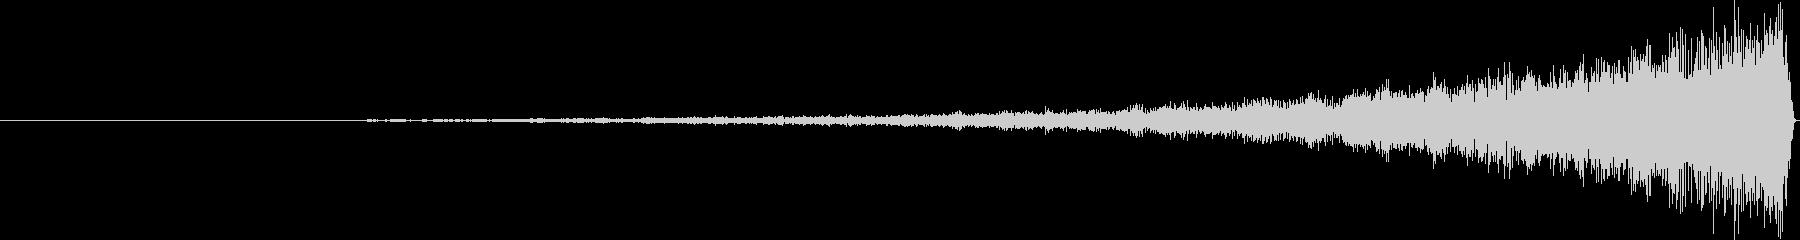 クイックメタルリバース3テキストインの未再生の波形